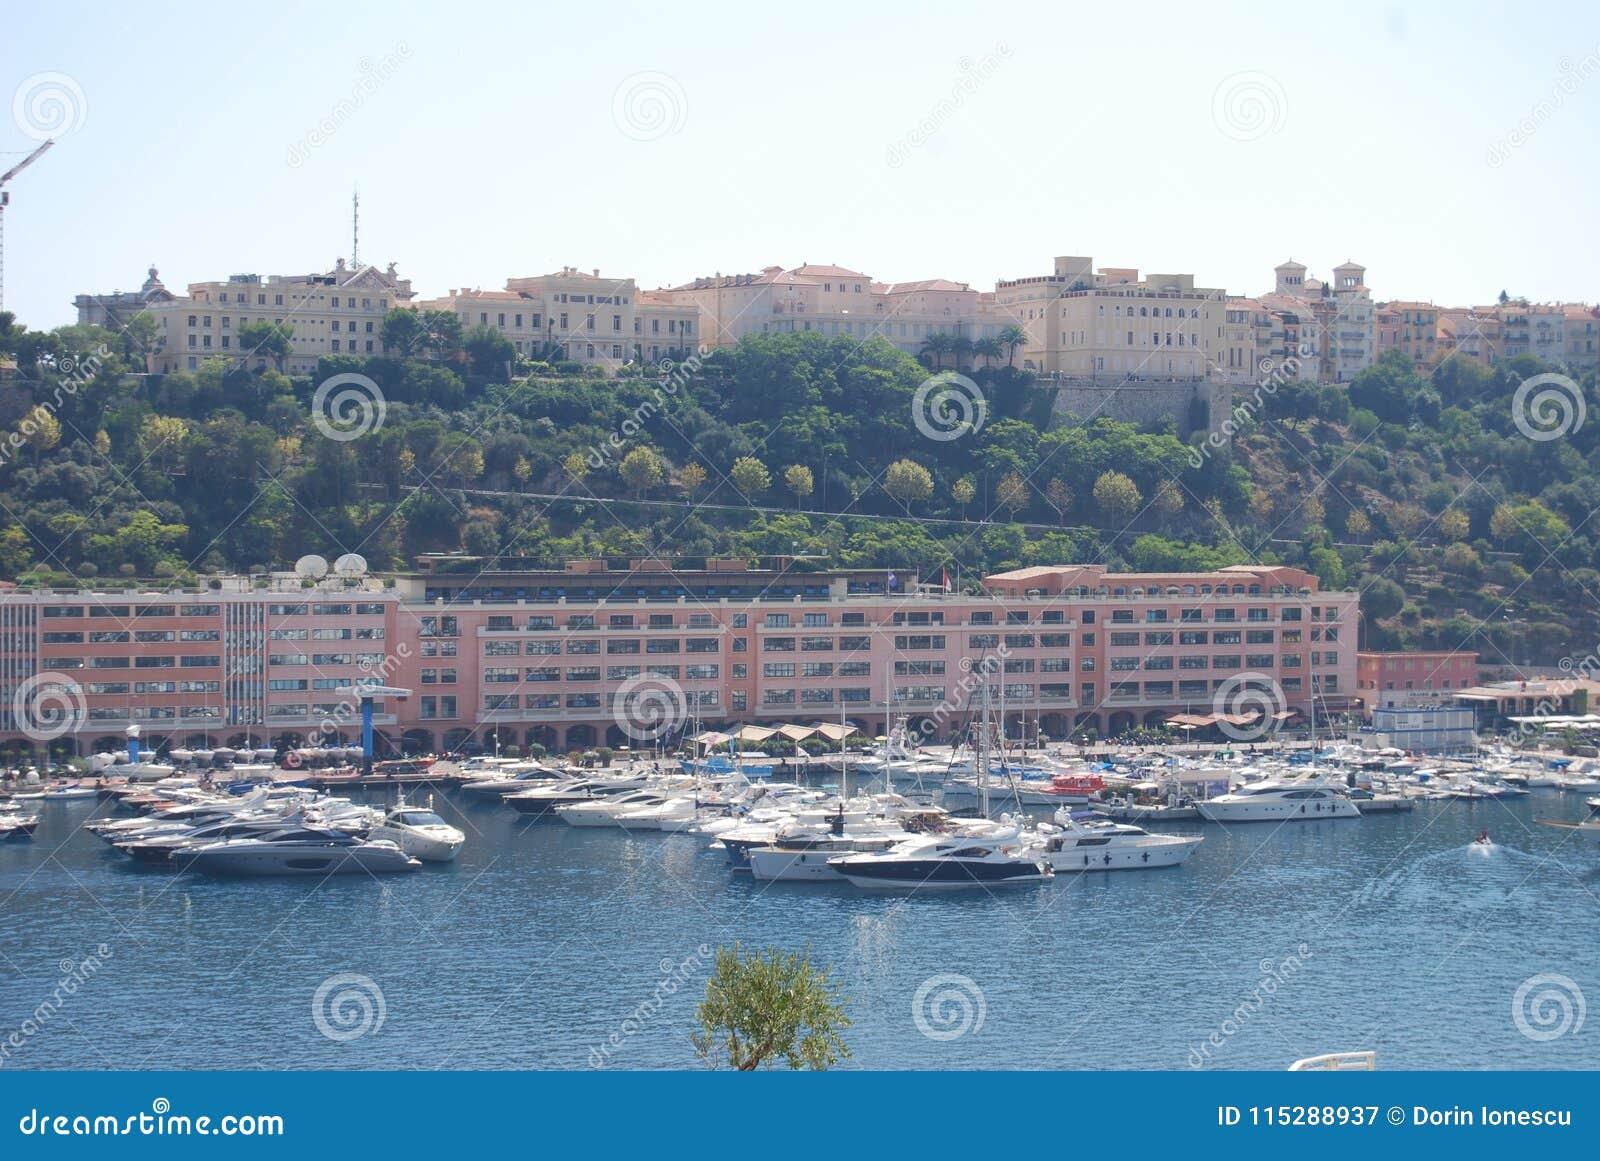 De Baai van Monte Carlo, Monaco, haven, jachthaven, rivier, overzees